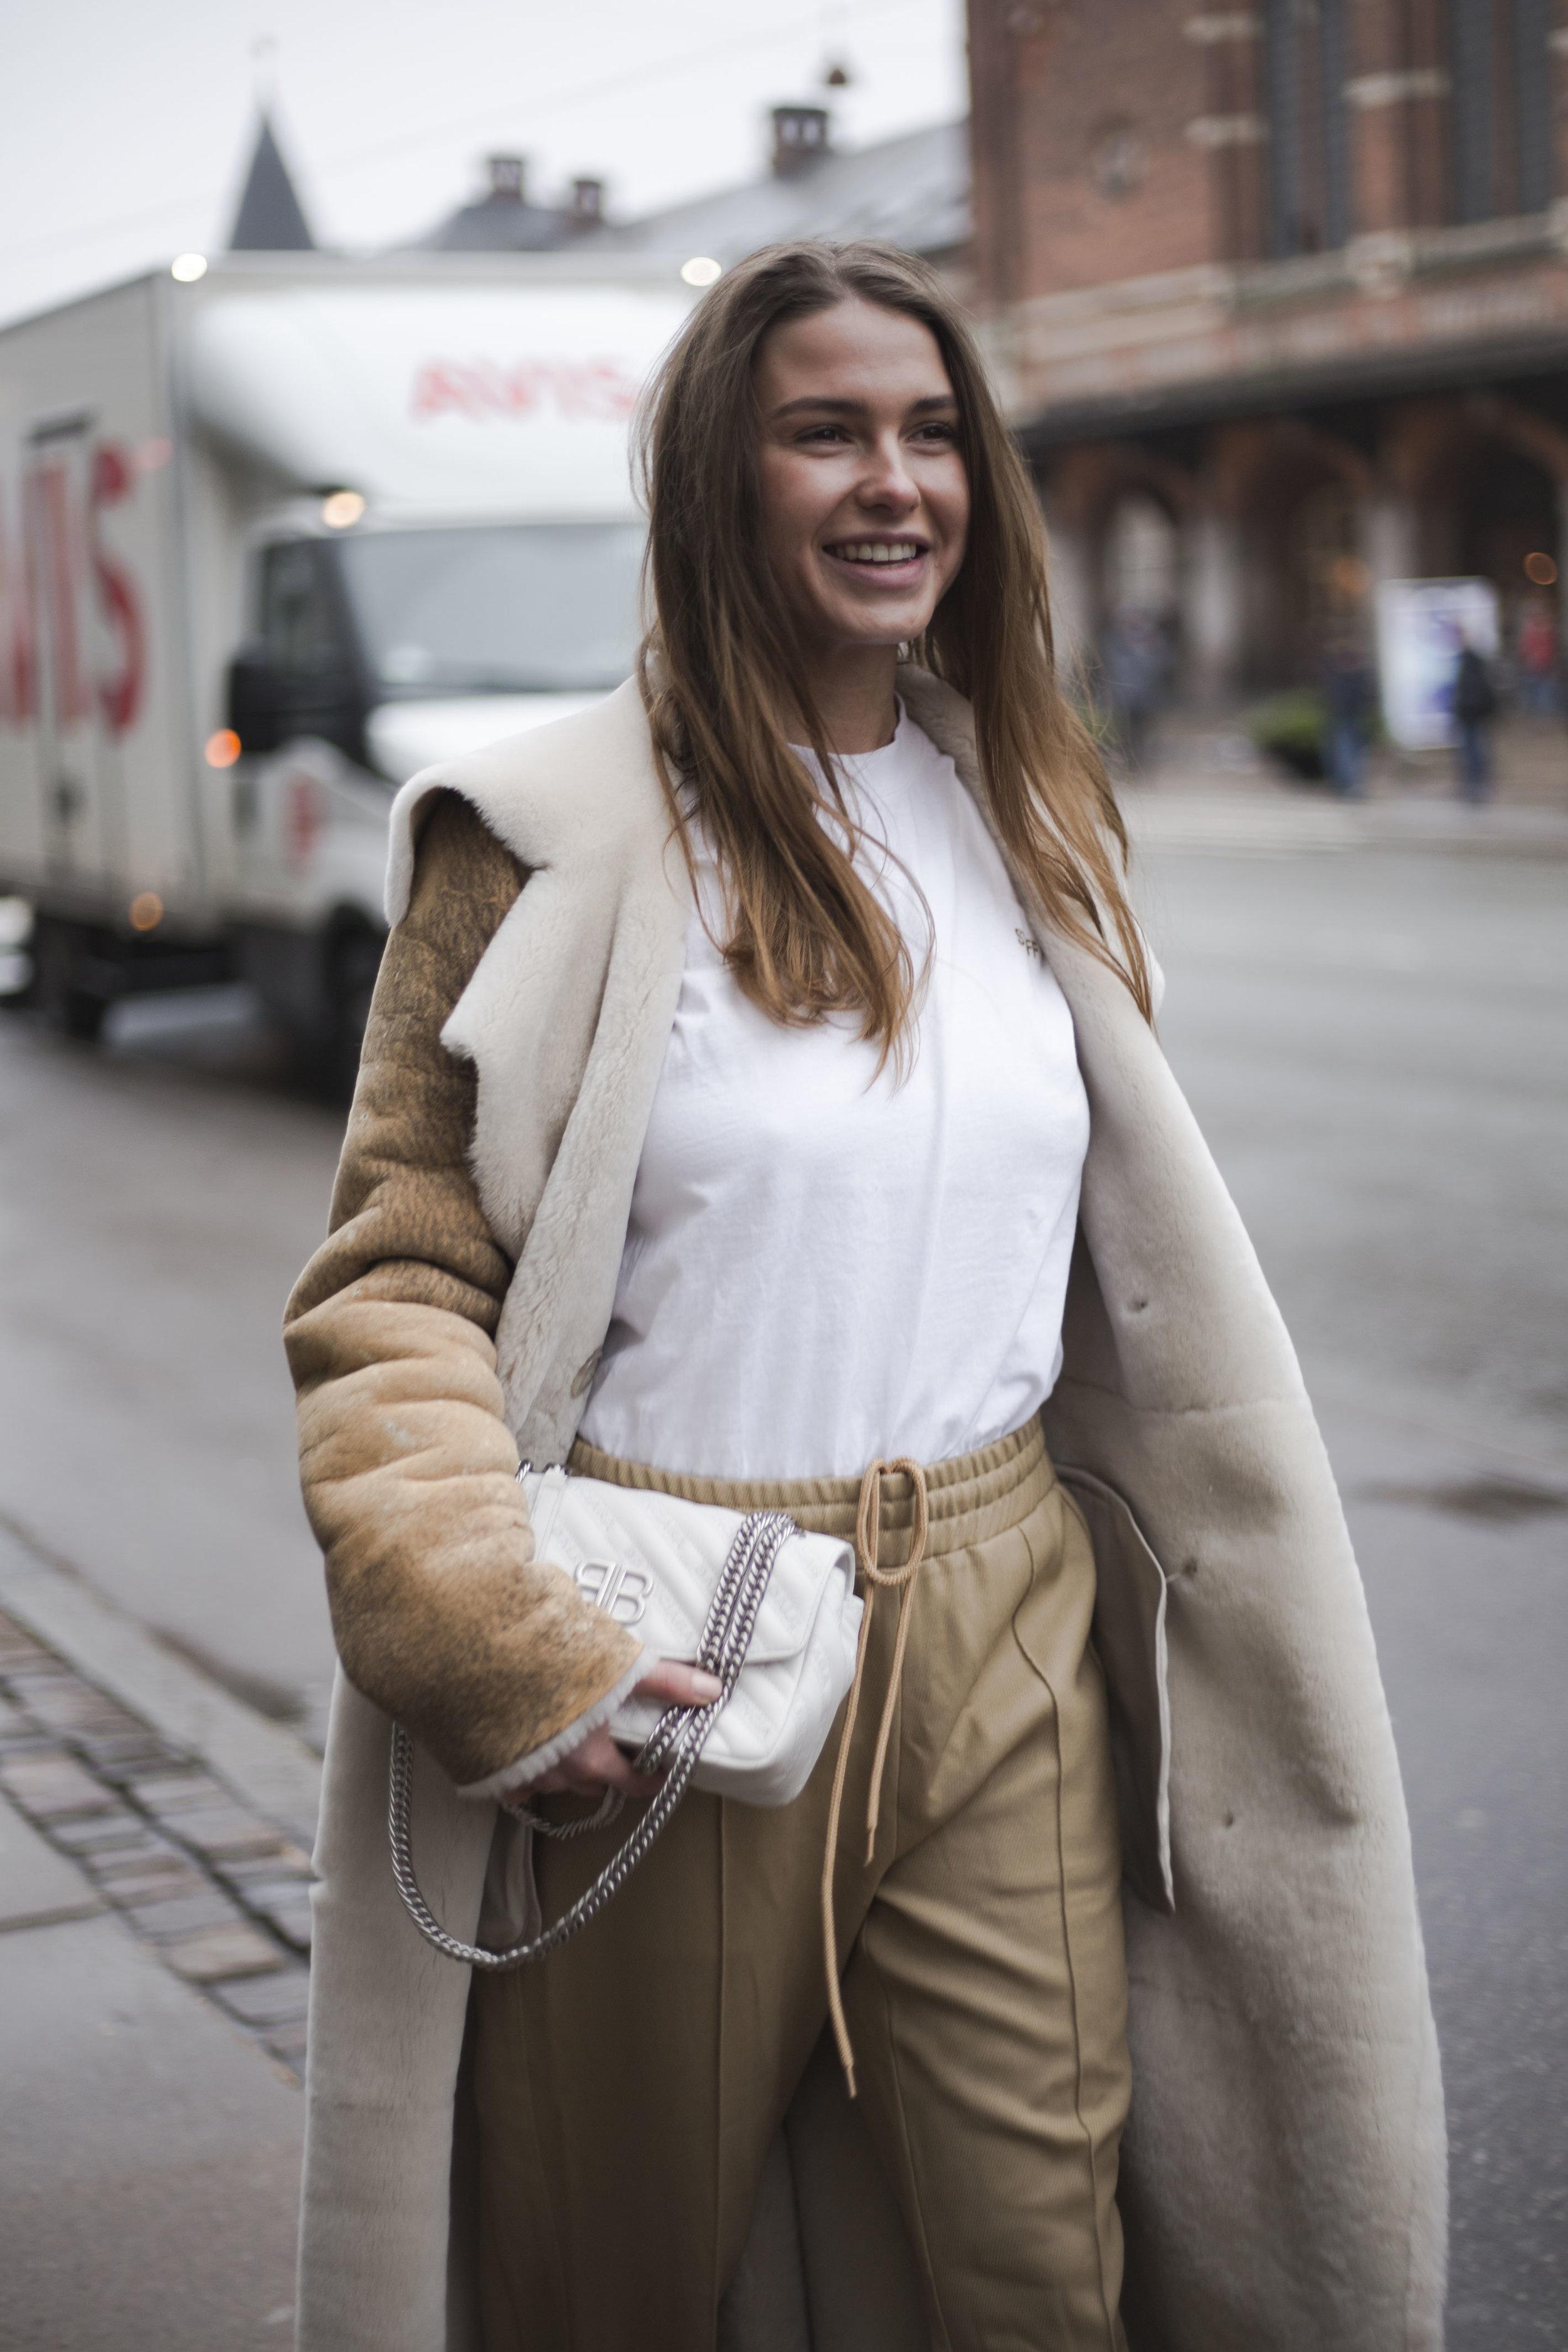 sophia-roe-copenhagen-fashionweek-best-scandinavian-street-style-streetstyle-thestreetland-fashion-trend-style.jpg